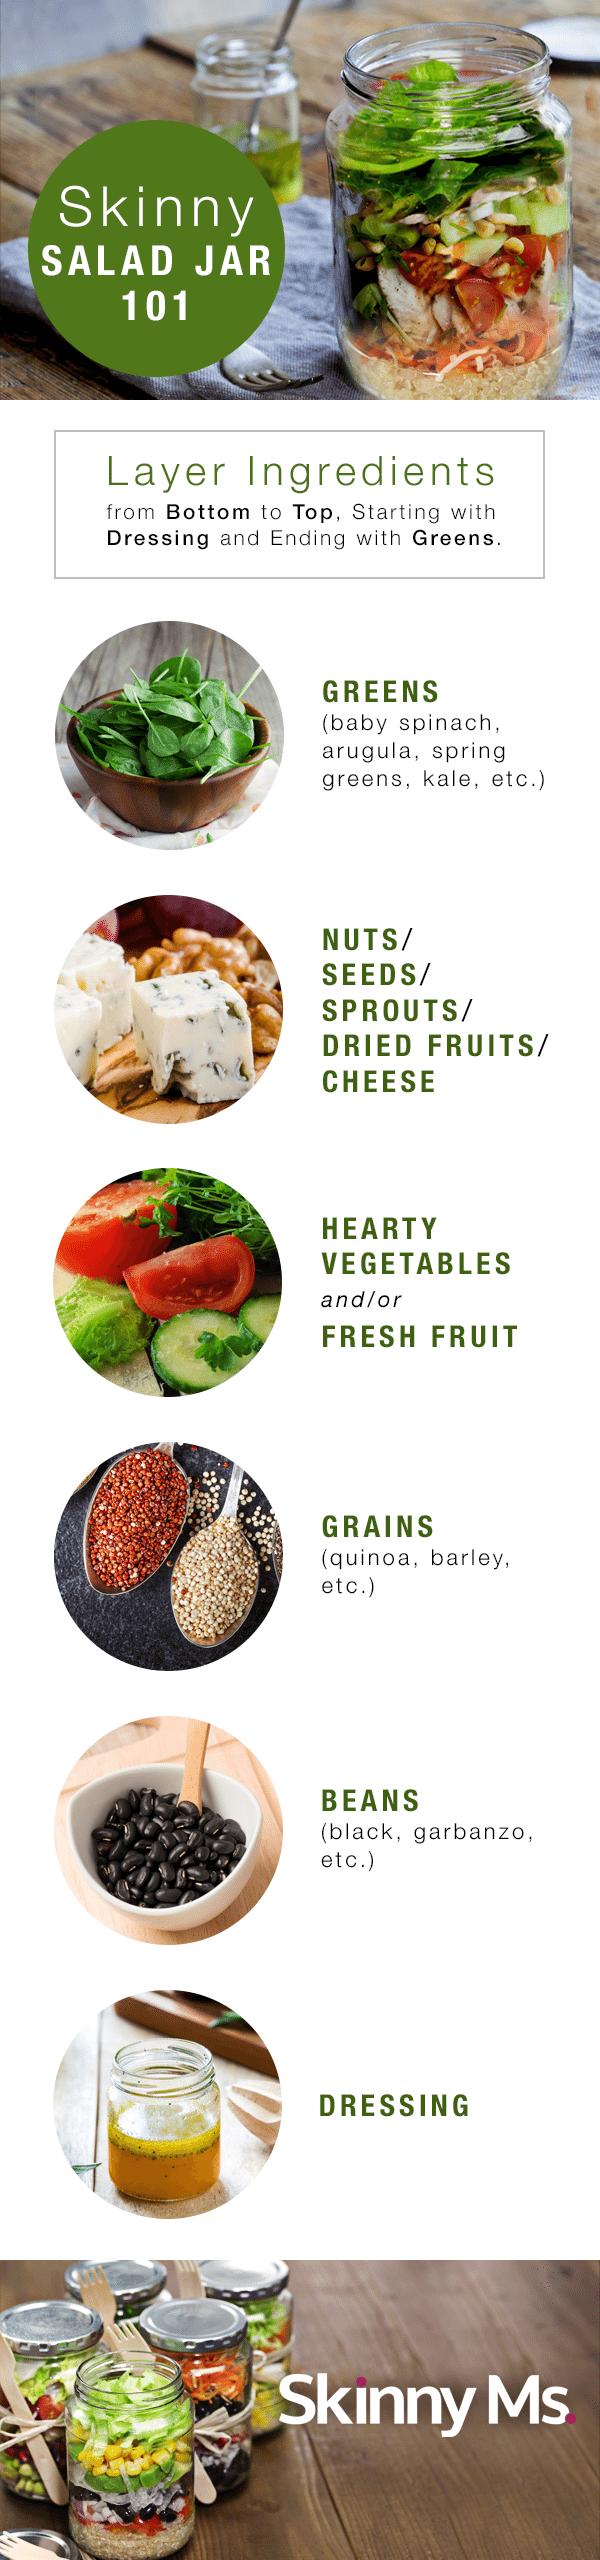 Skinny-Salad-Jar-101_V2_r1